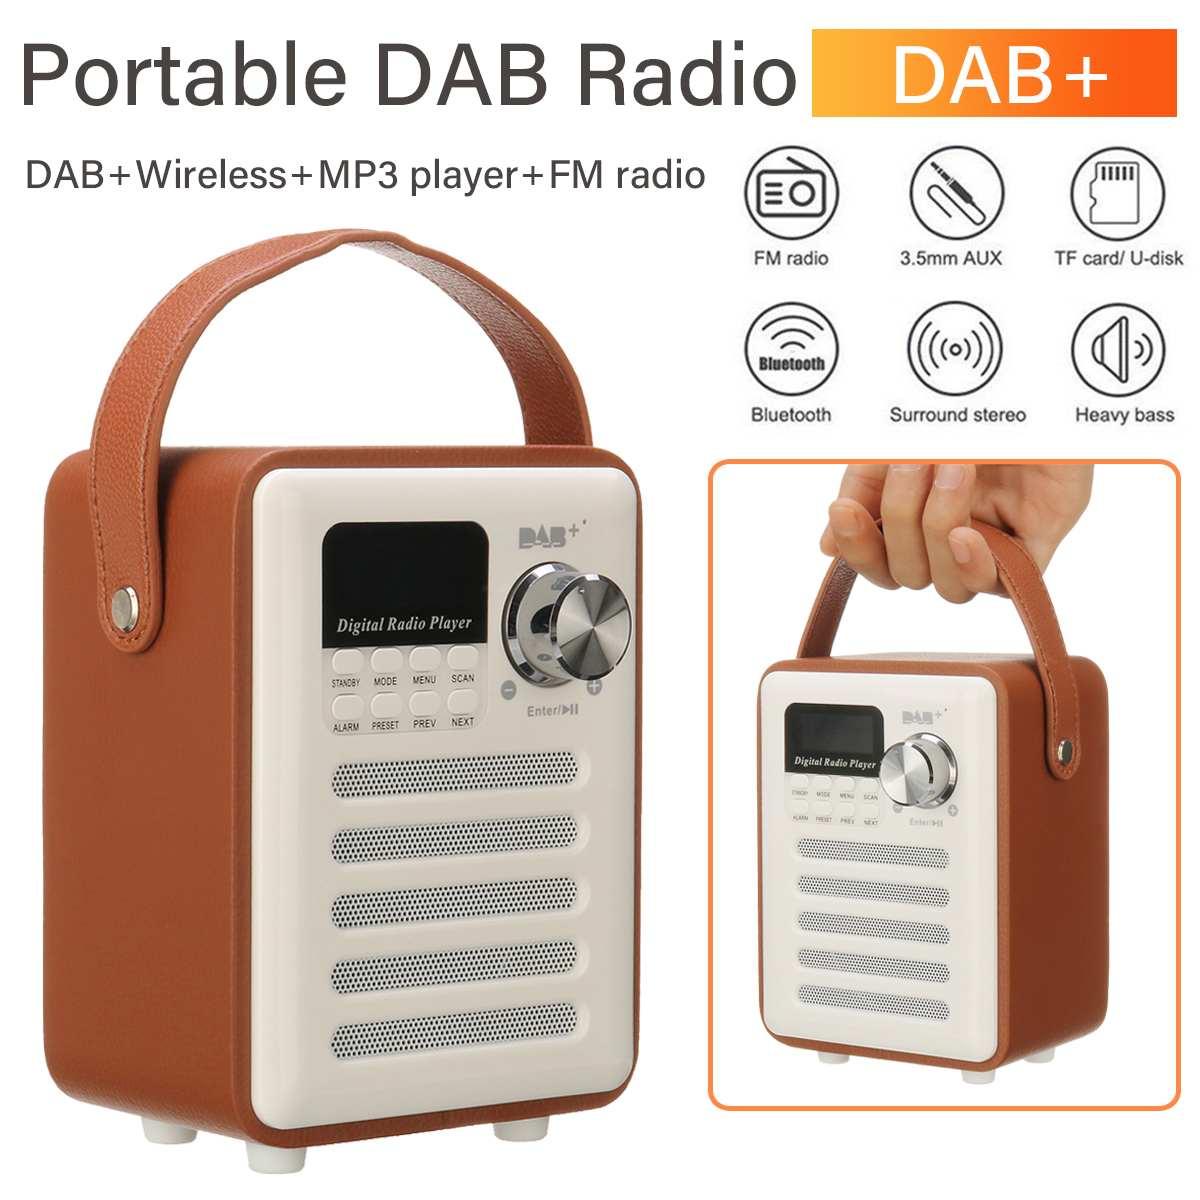 Portable Bois DAB/DAB + radio numérique Récepteur haut-parleur bluetooth FM Diffusion TF AUX MP3 Musique Lecteur Multi-fonction radio DAB